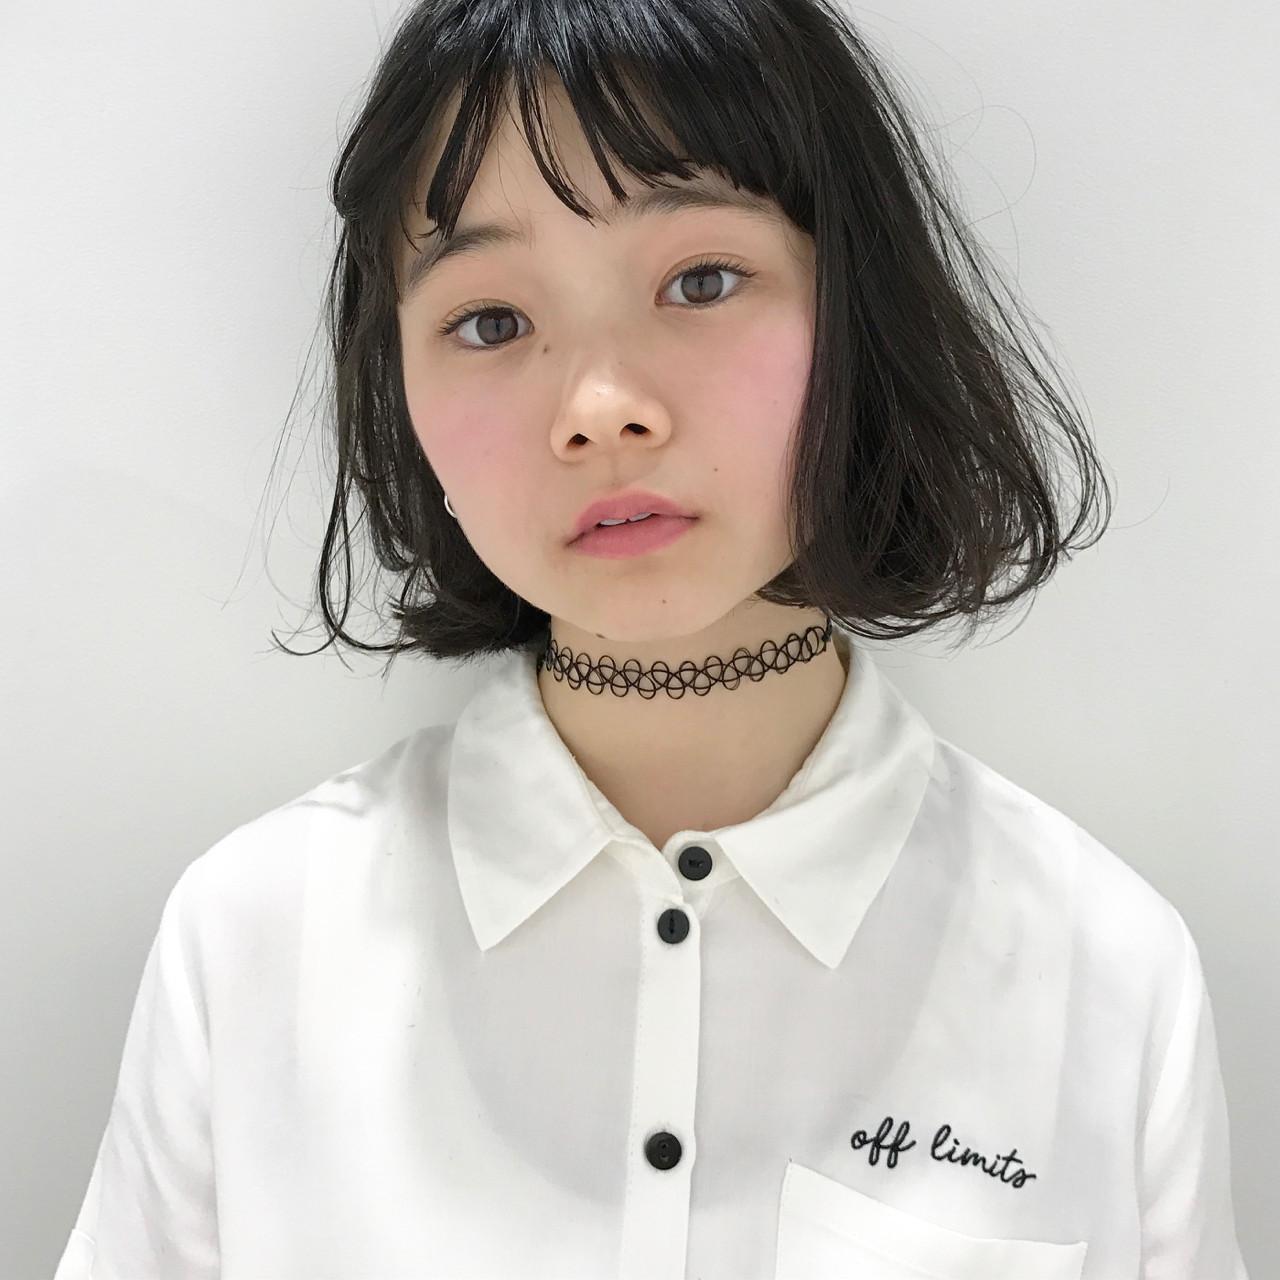 タンバルモリ フリンジバング 黒髪 ボブ ヘアスタイルや髪型の写真・画像